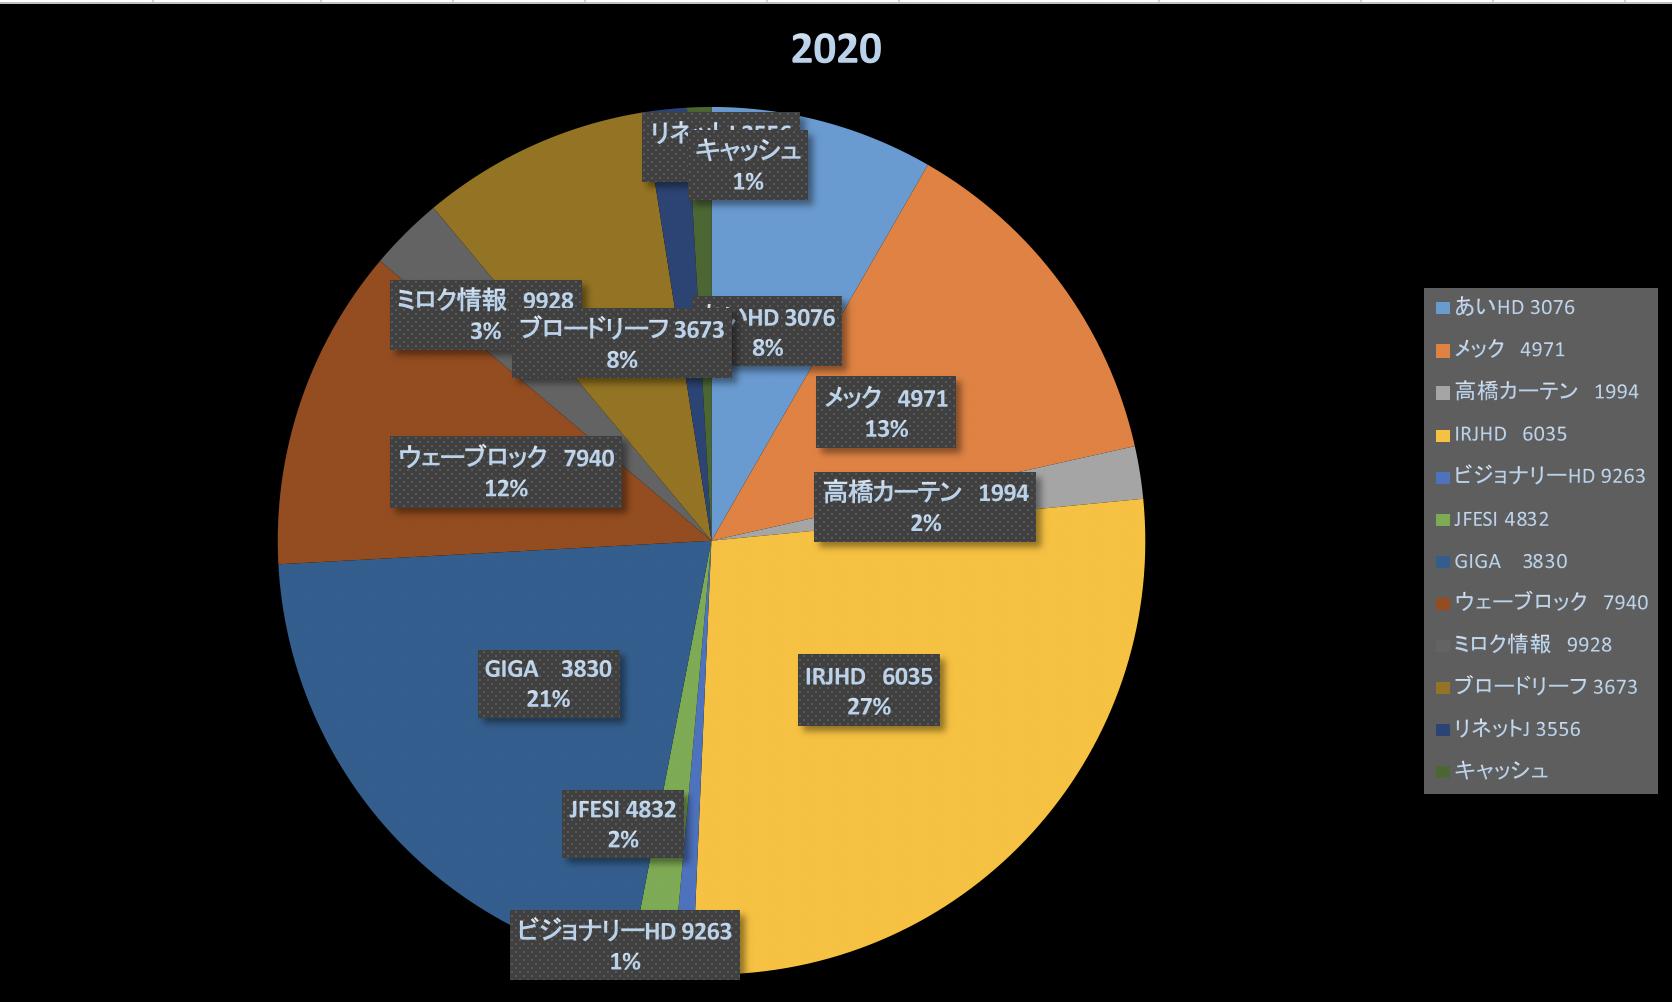 KING GNUの井口がいた(株式投資成績報告2020/1/19)